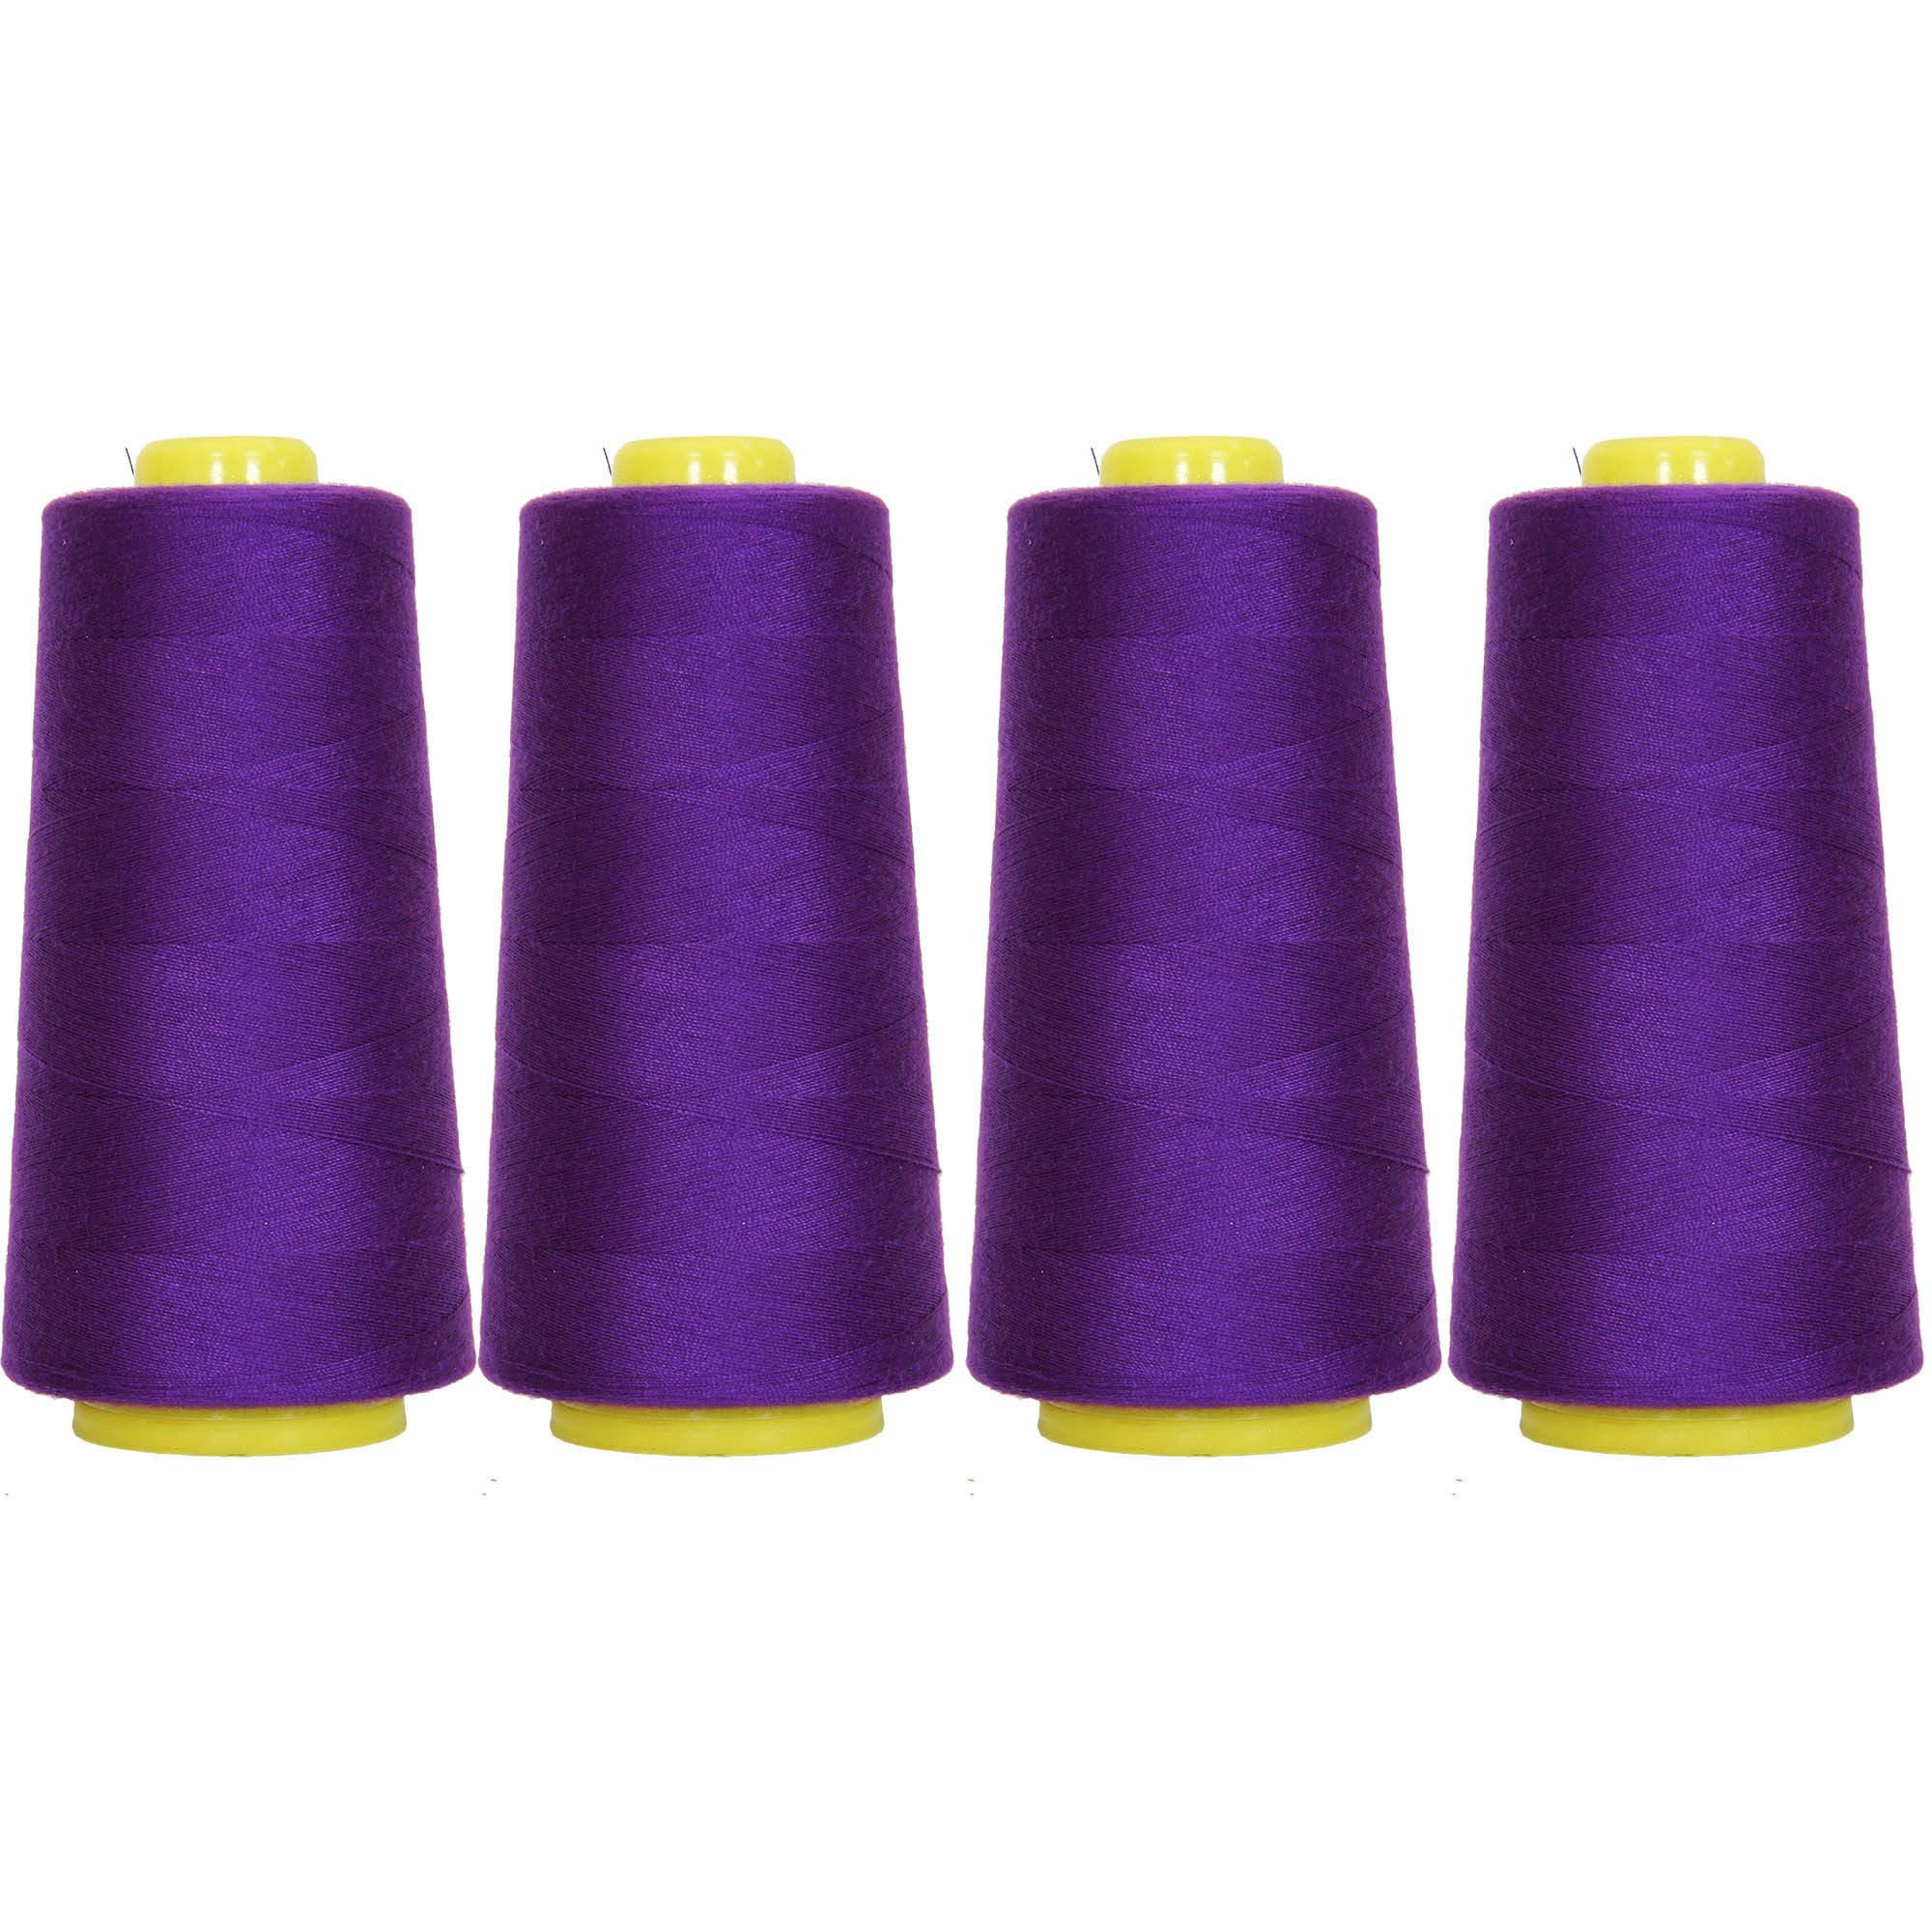 4 Cones Purple Serger Sewing Thread, 2750 Yd Cones, TEX 27 40S/2, Threadart